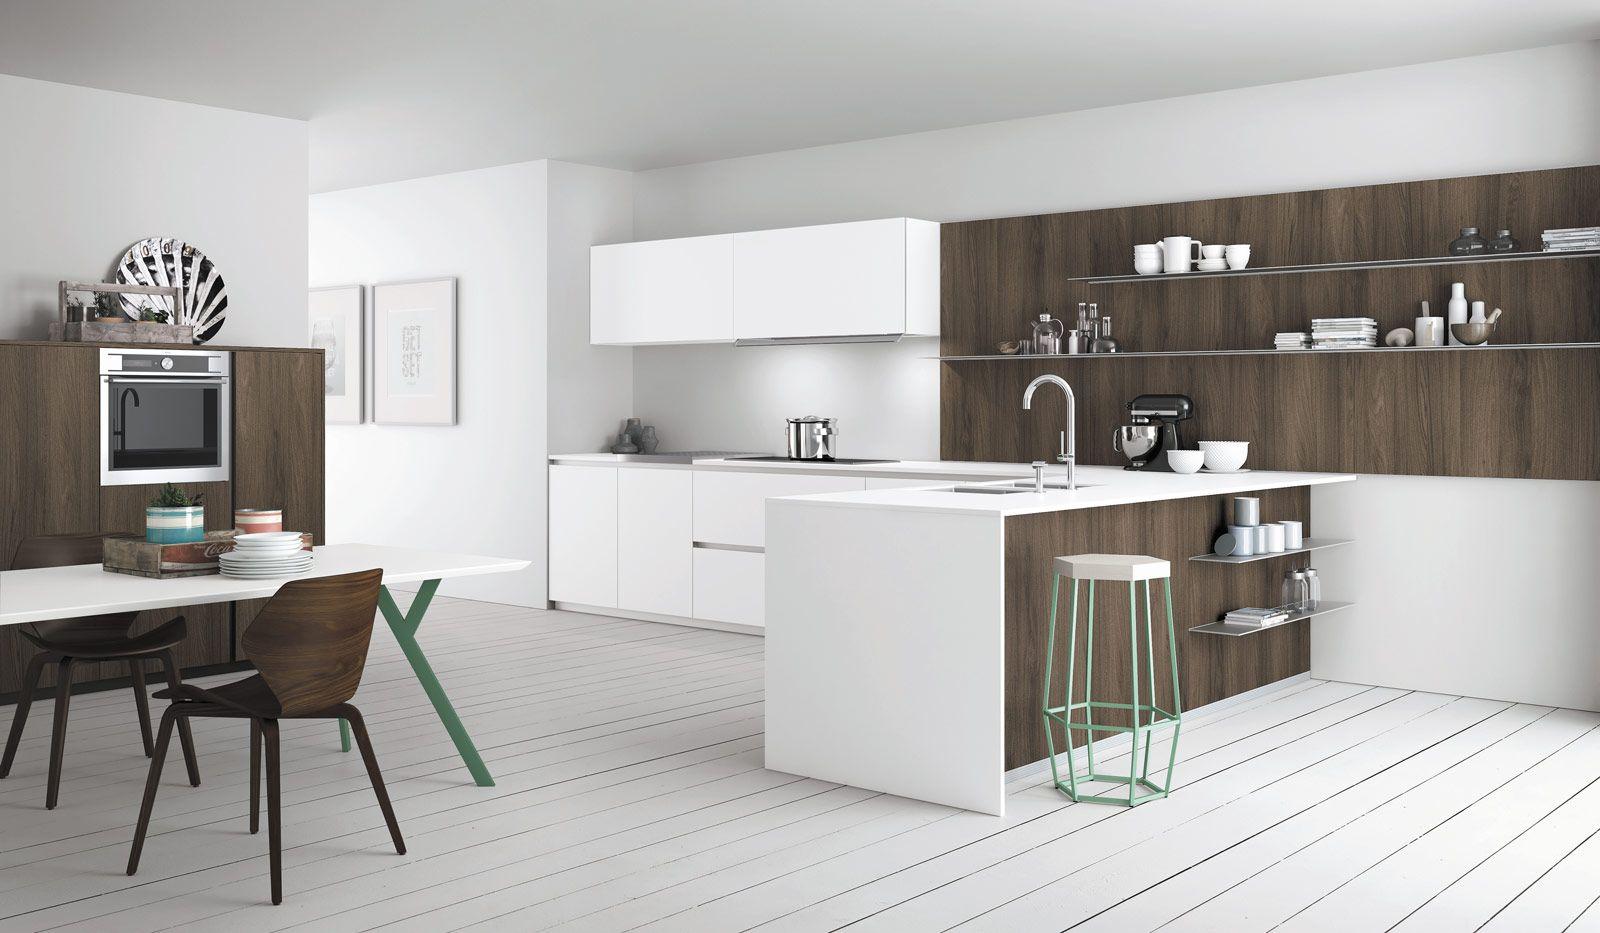 Cucine effetto legno per un ambiente caldo ed elegante | casa dolce ...